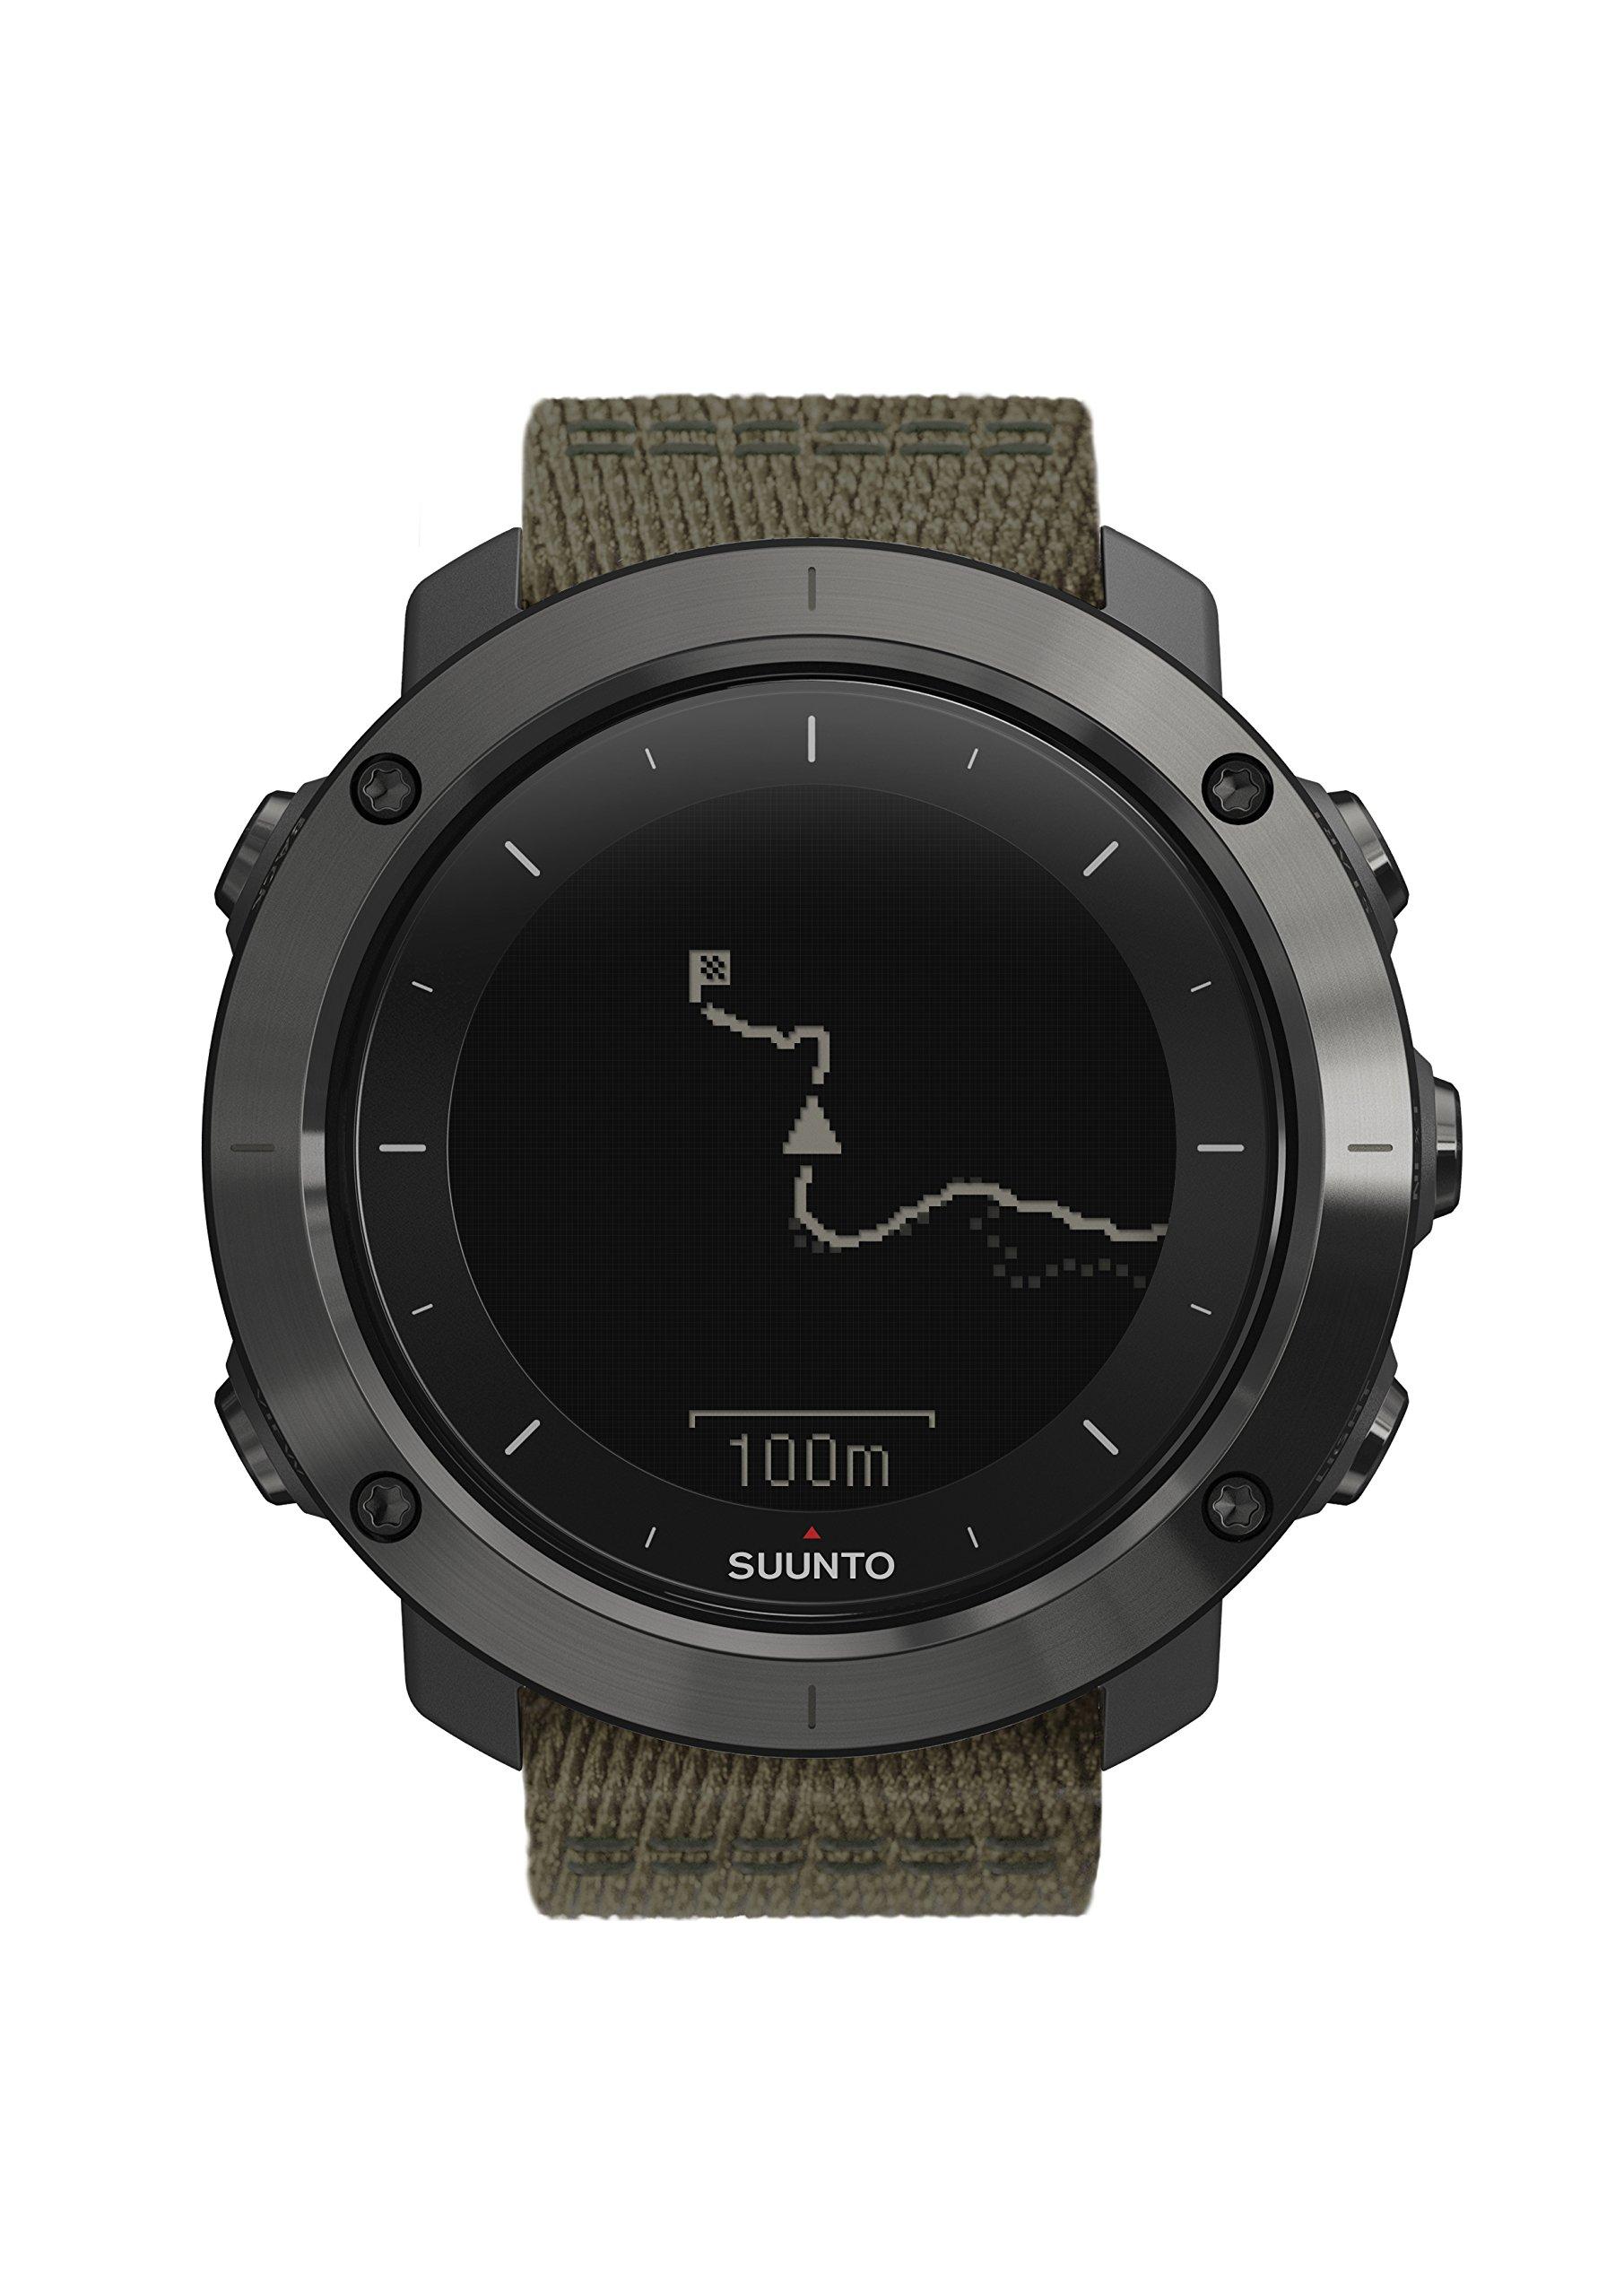 43d6c64a0c8 ofertas febrero 2019 en Suunto - Traverse - Reloj GPS Outdoor para ...